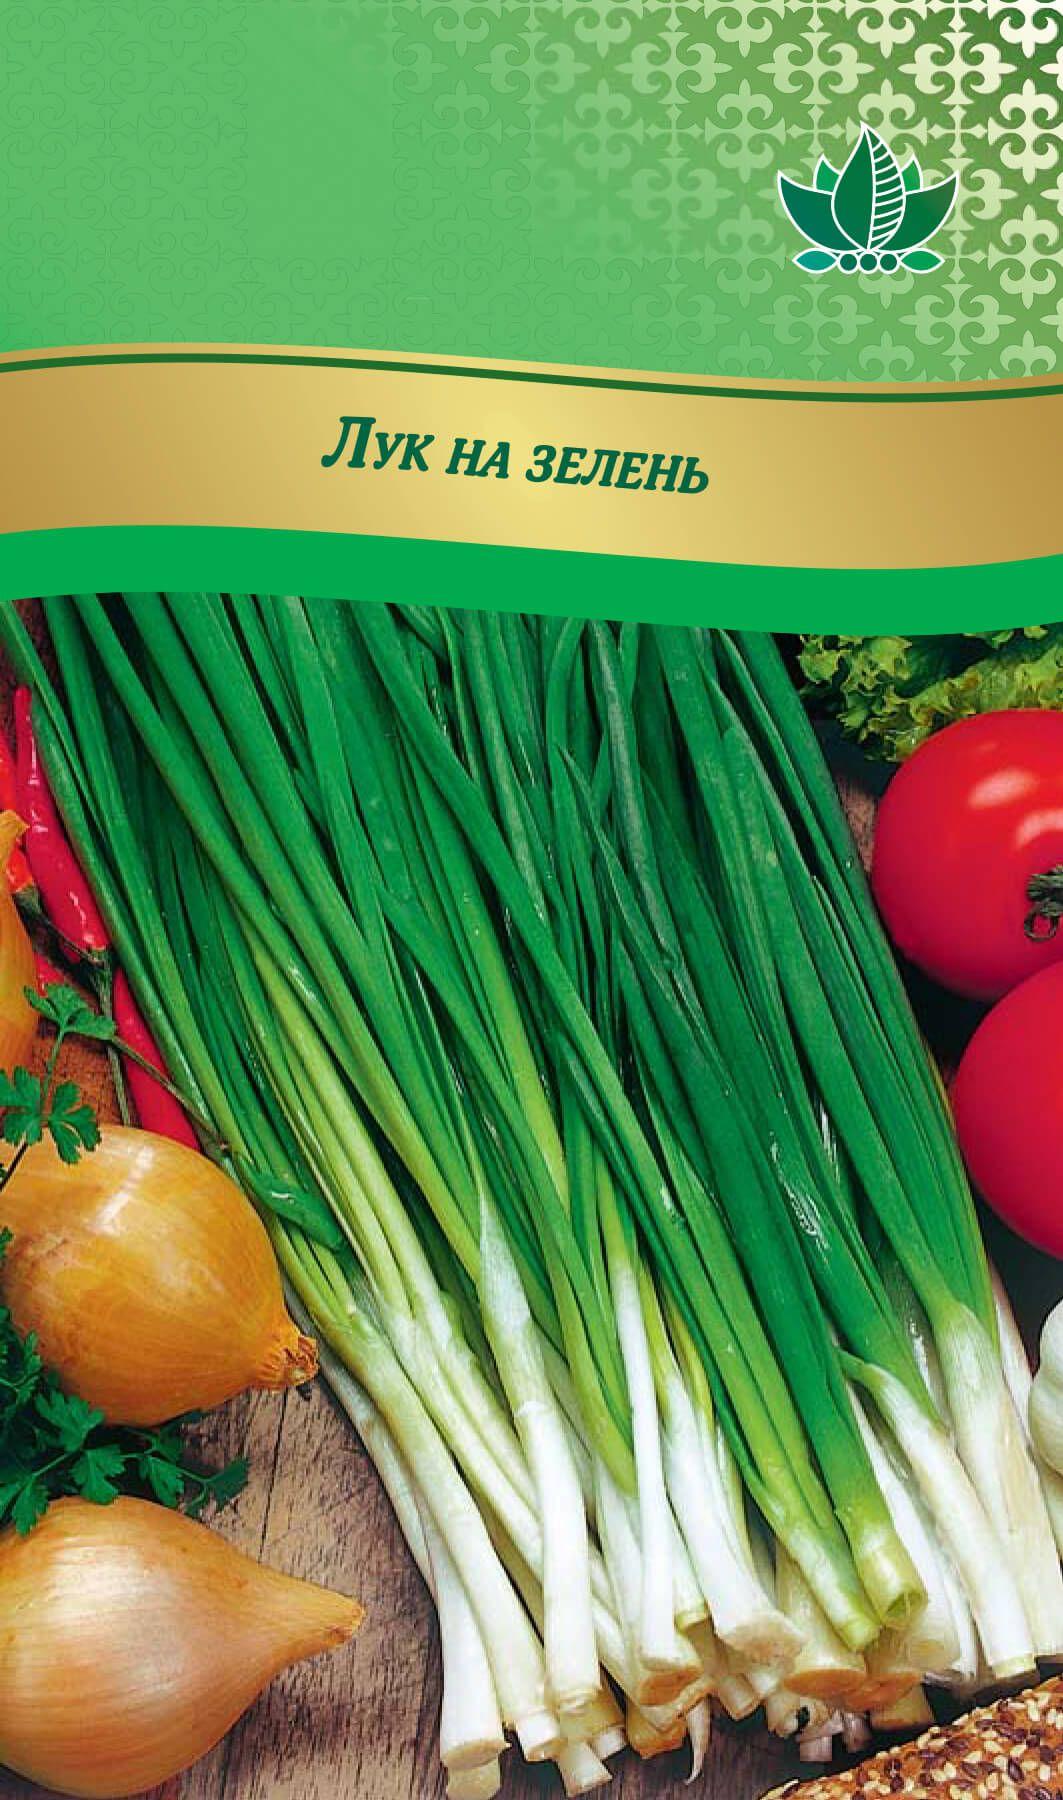 Как выбрать сорта лука из 220 огородных видов и создать аллярий – советы «зеленой грядки»! — agroxxi